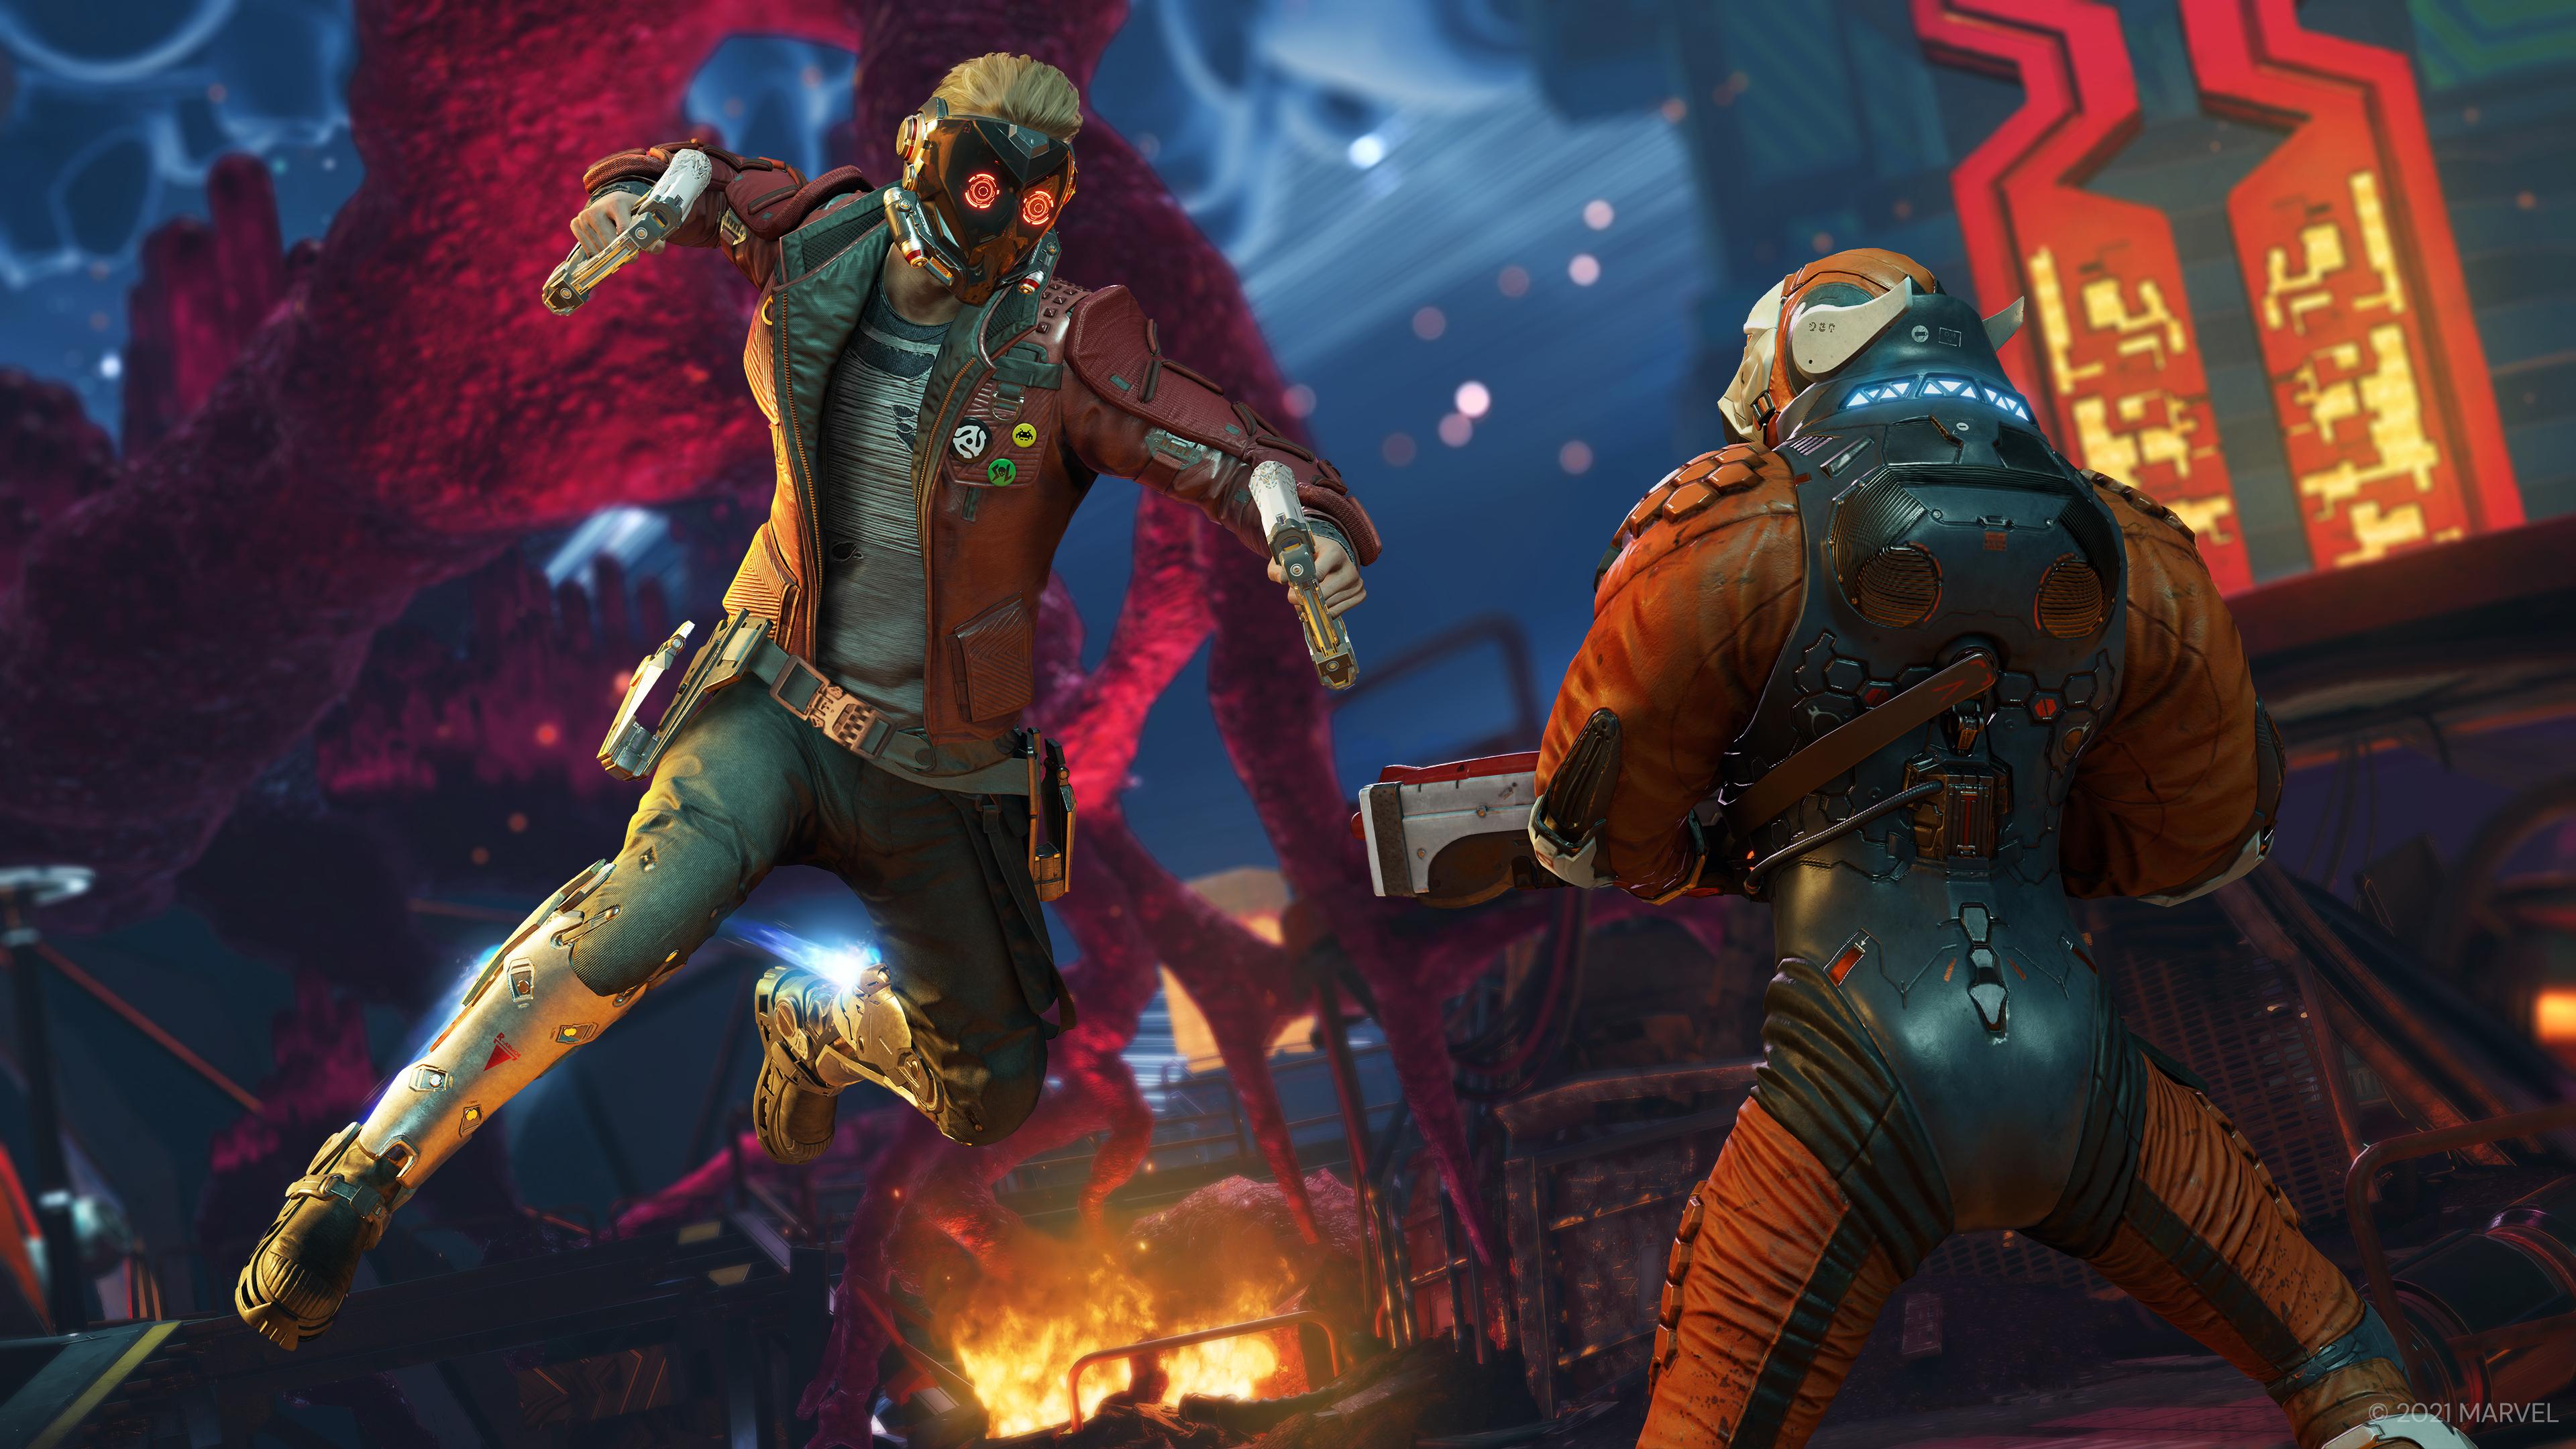 Скриншот №1 к «Стражи Галактики Marvel» PS4 и PS5